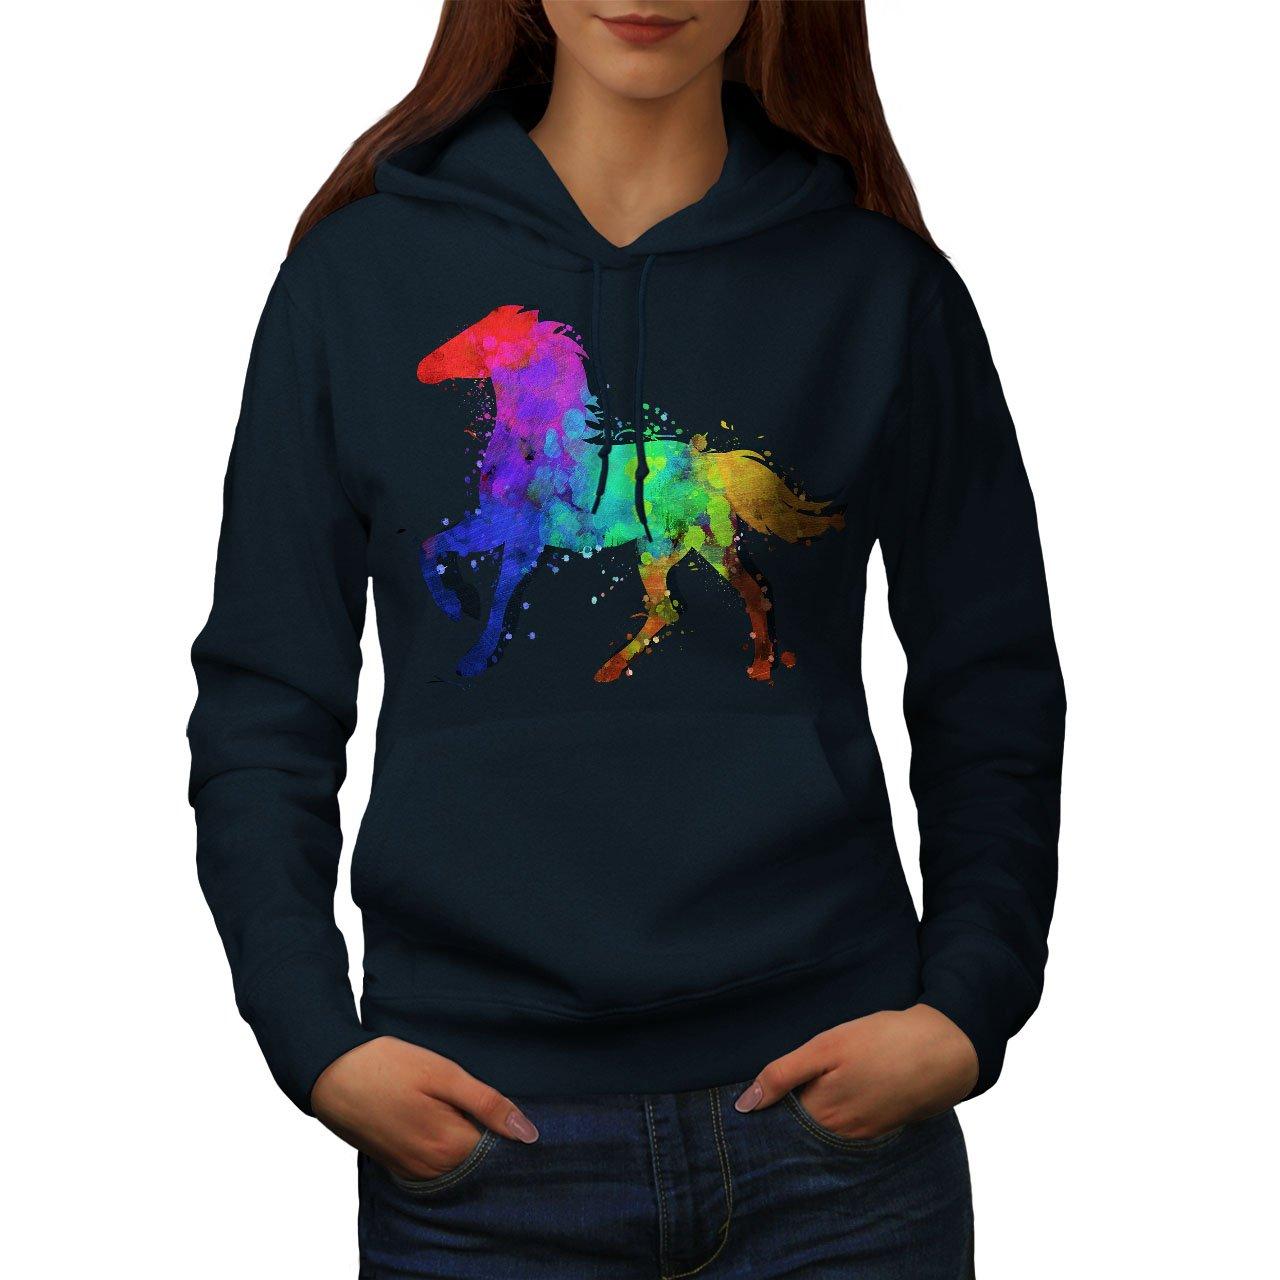 Wellcoda Splash Horse Paint Womens Hoodie, Dye Color Print Hooded Sweatshirt